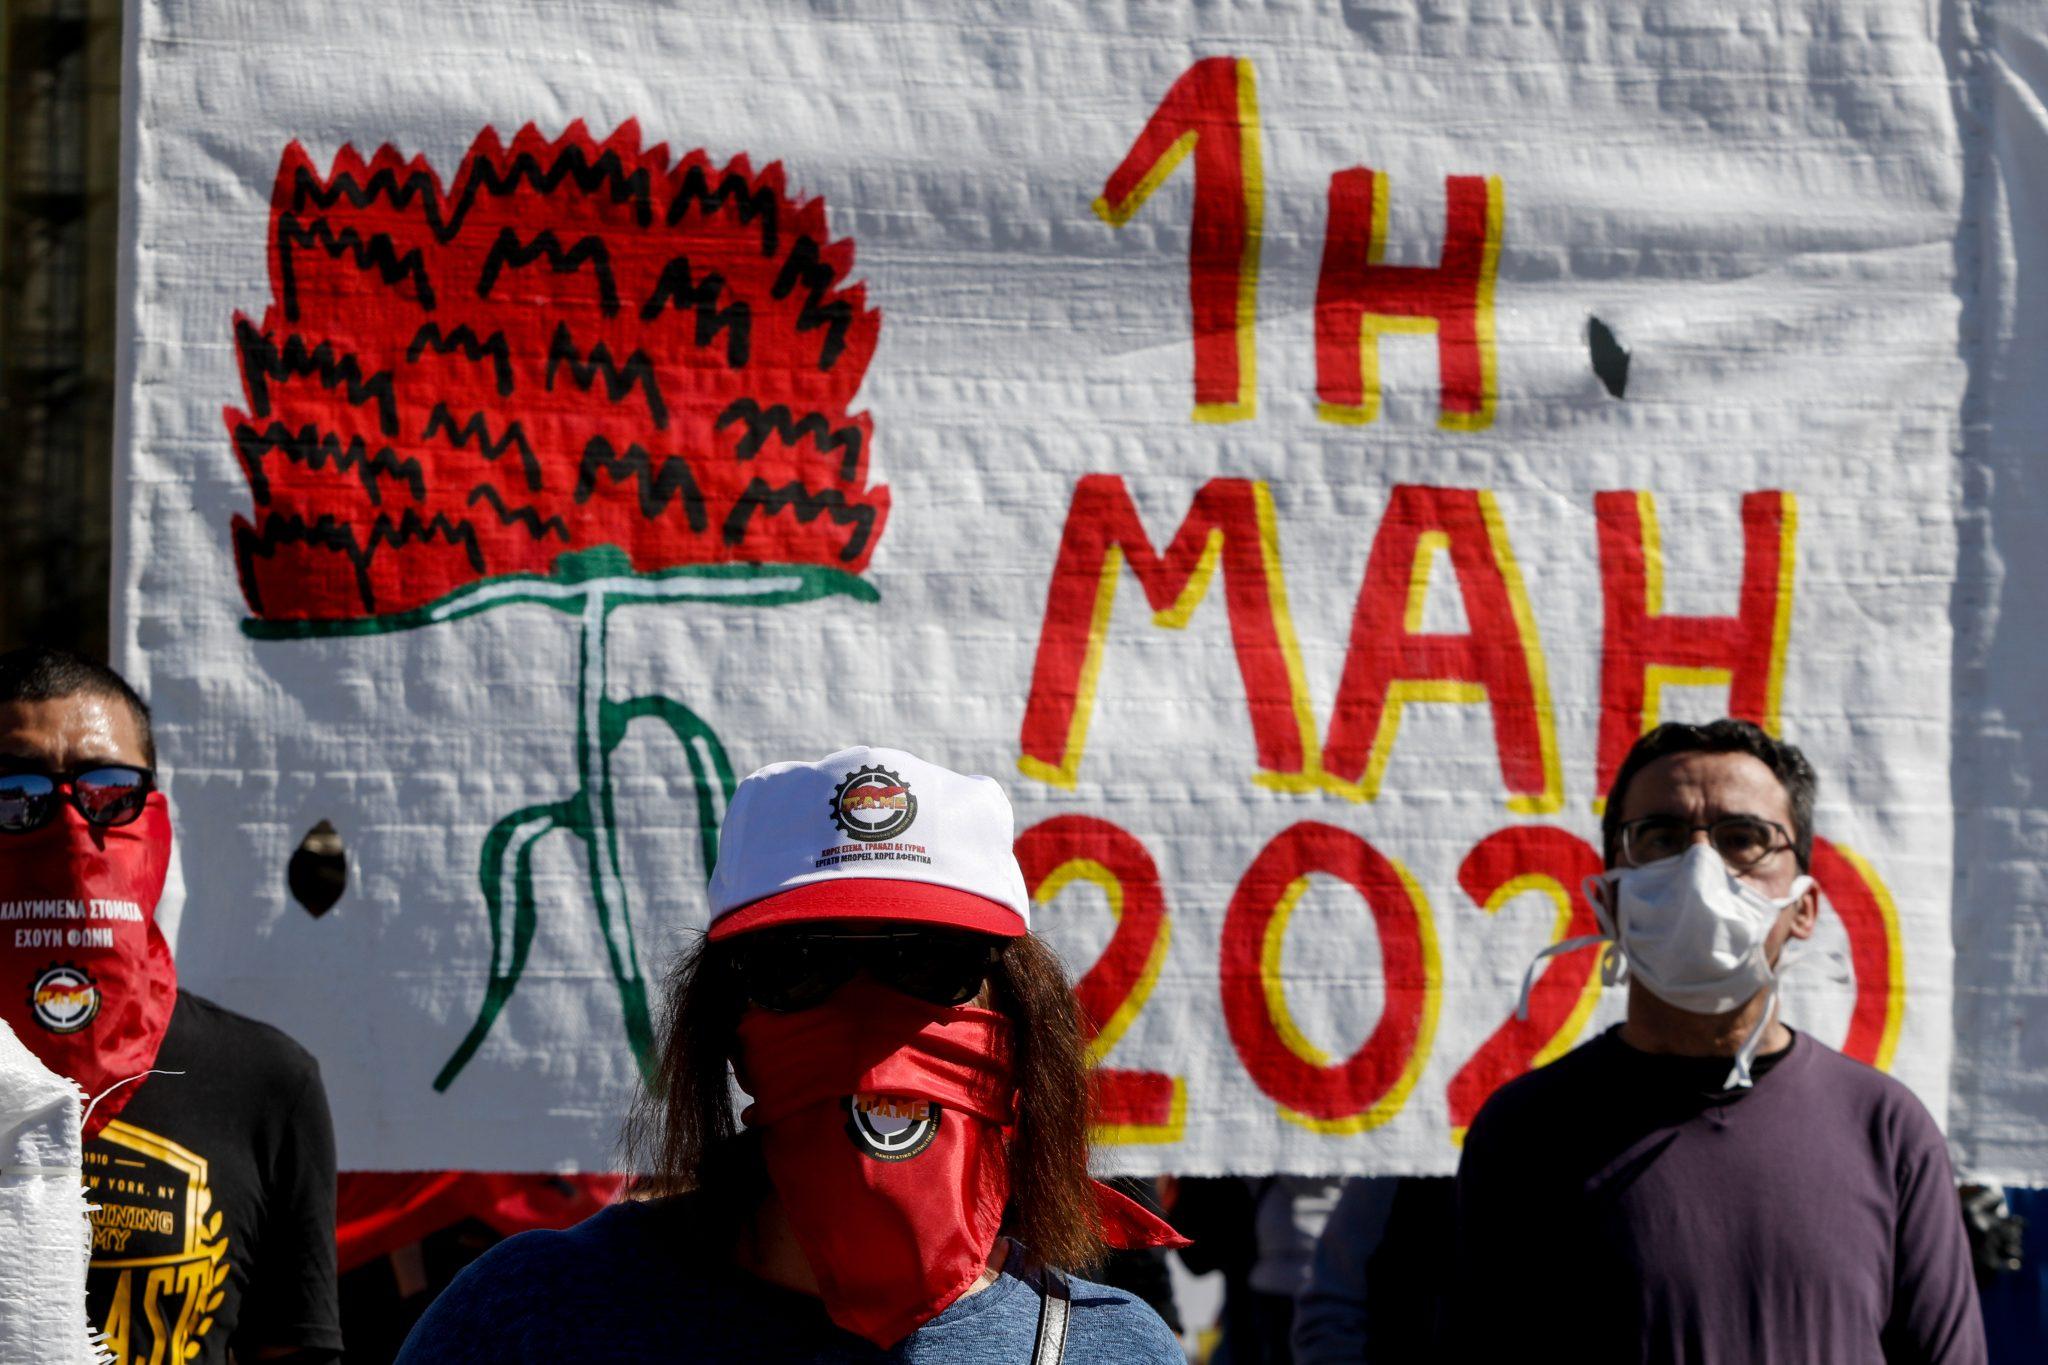 Πρωτομαγιά: Με μάσκες και αποστάσεις οι συγκεντρώσεις του ΠΑΜΕ στο Σύνταγμα